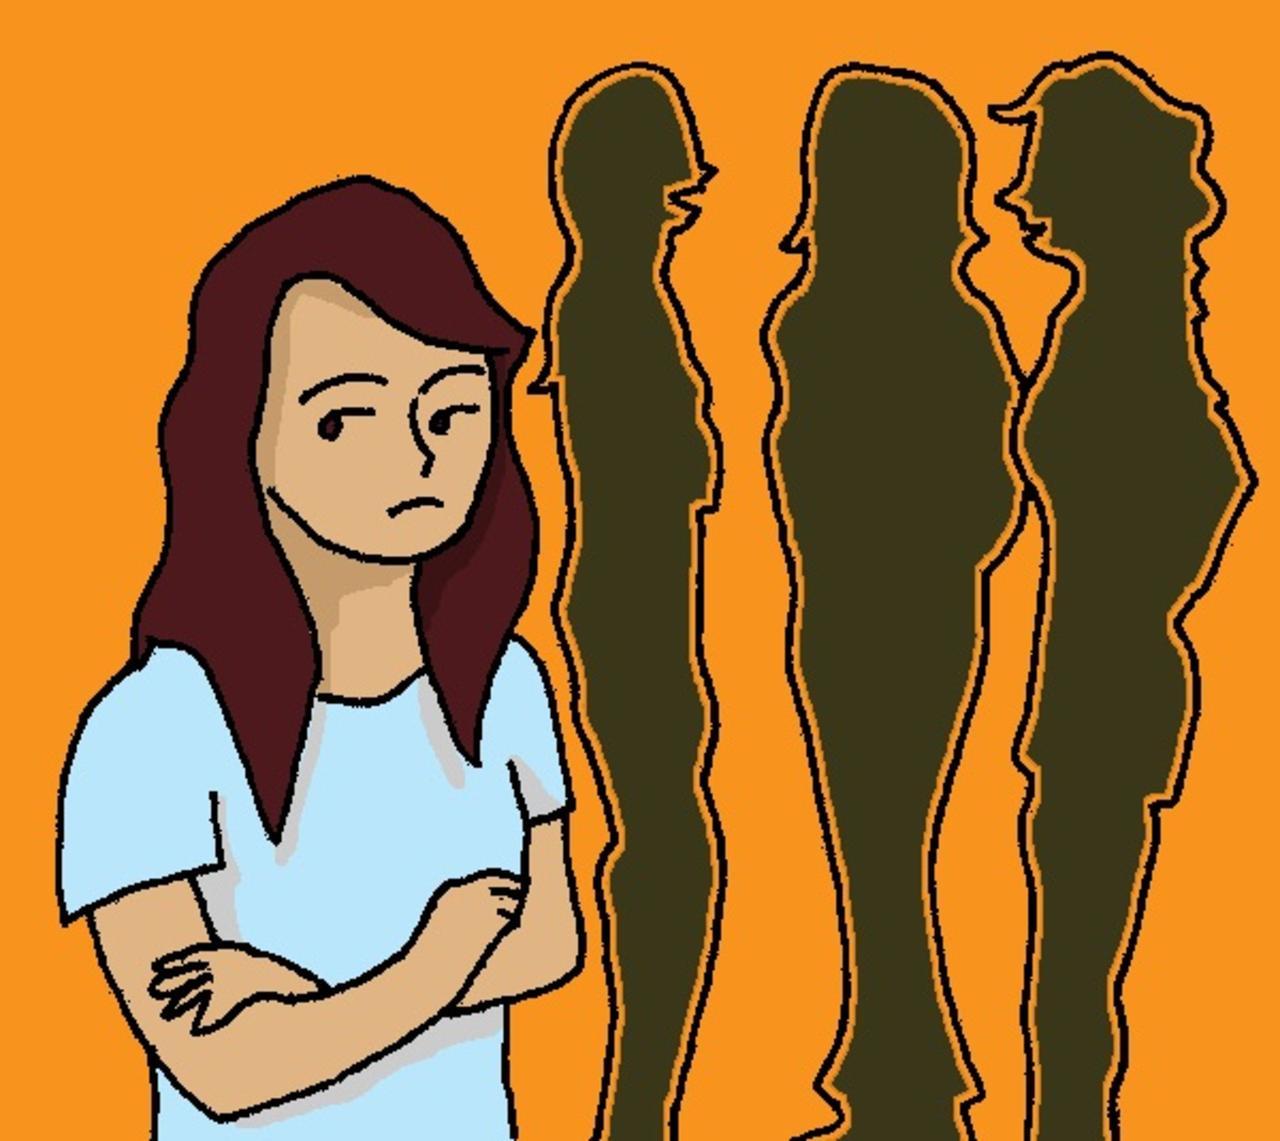 Women having sex knacked